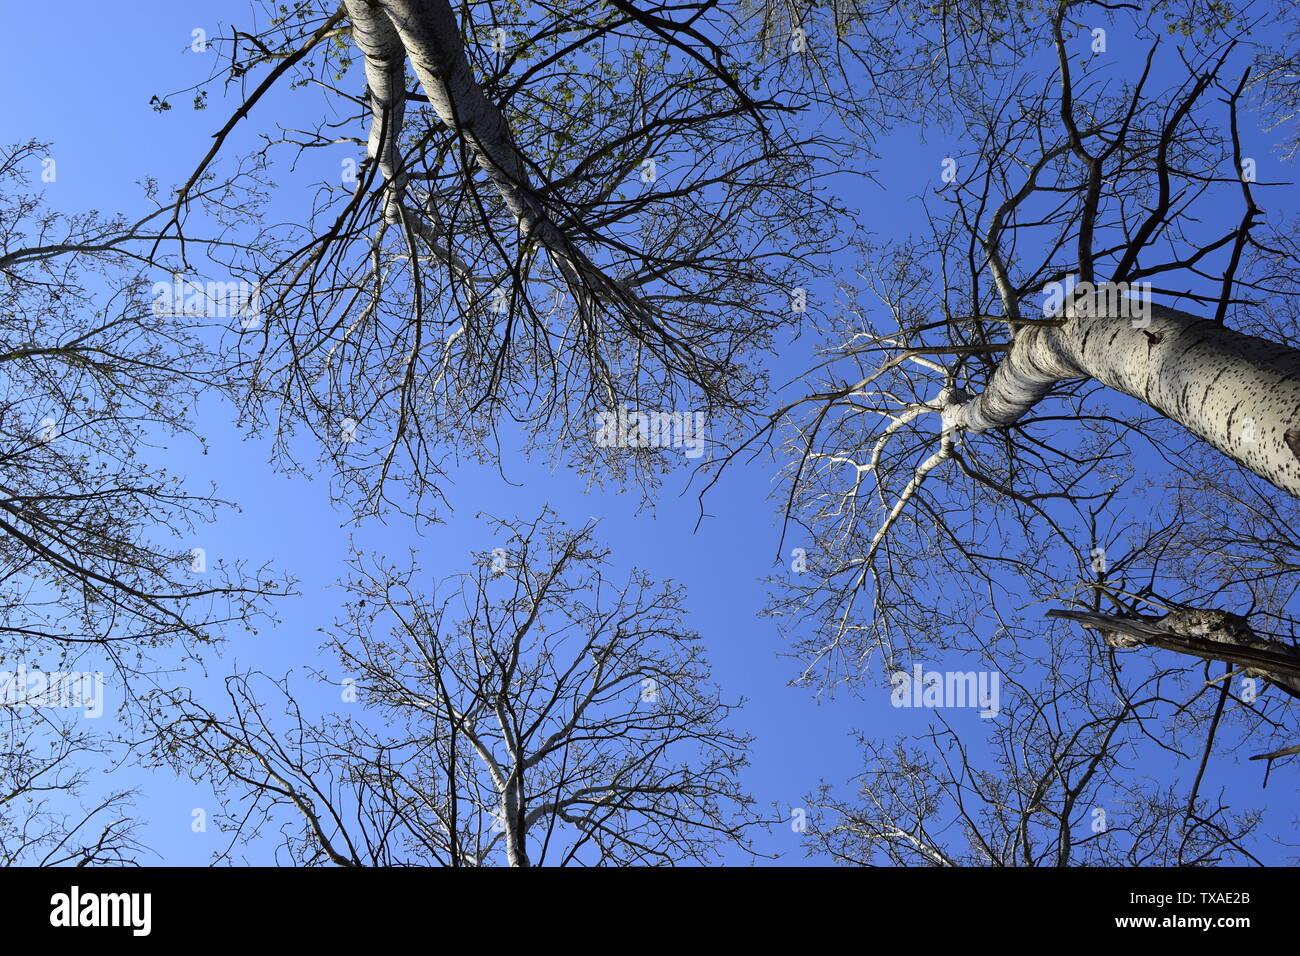 Imagen de los árboles sin hojas con cristal azul del cielo sin nubes. Foto de los árboles sin hojas de la parte inferior (abajo) Imagen De Stock